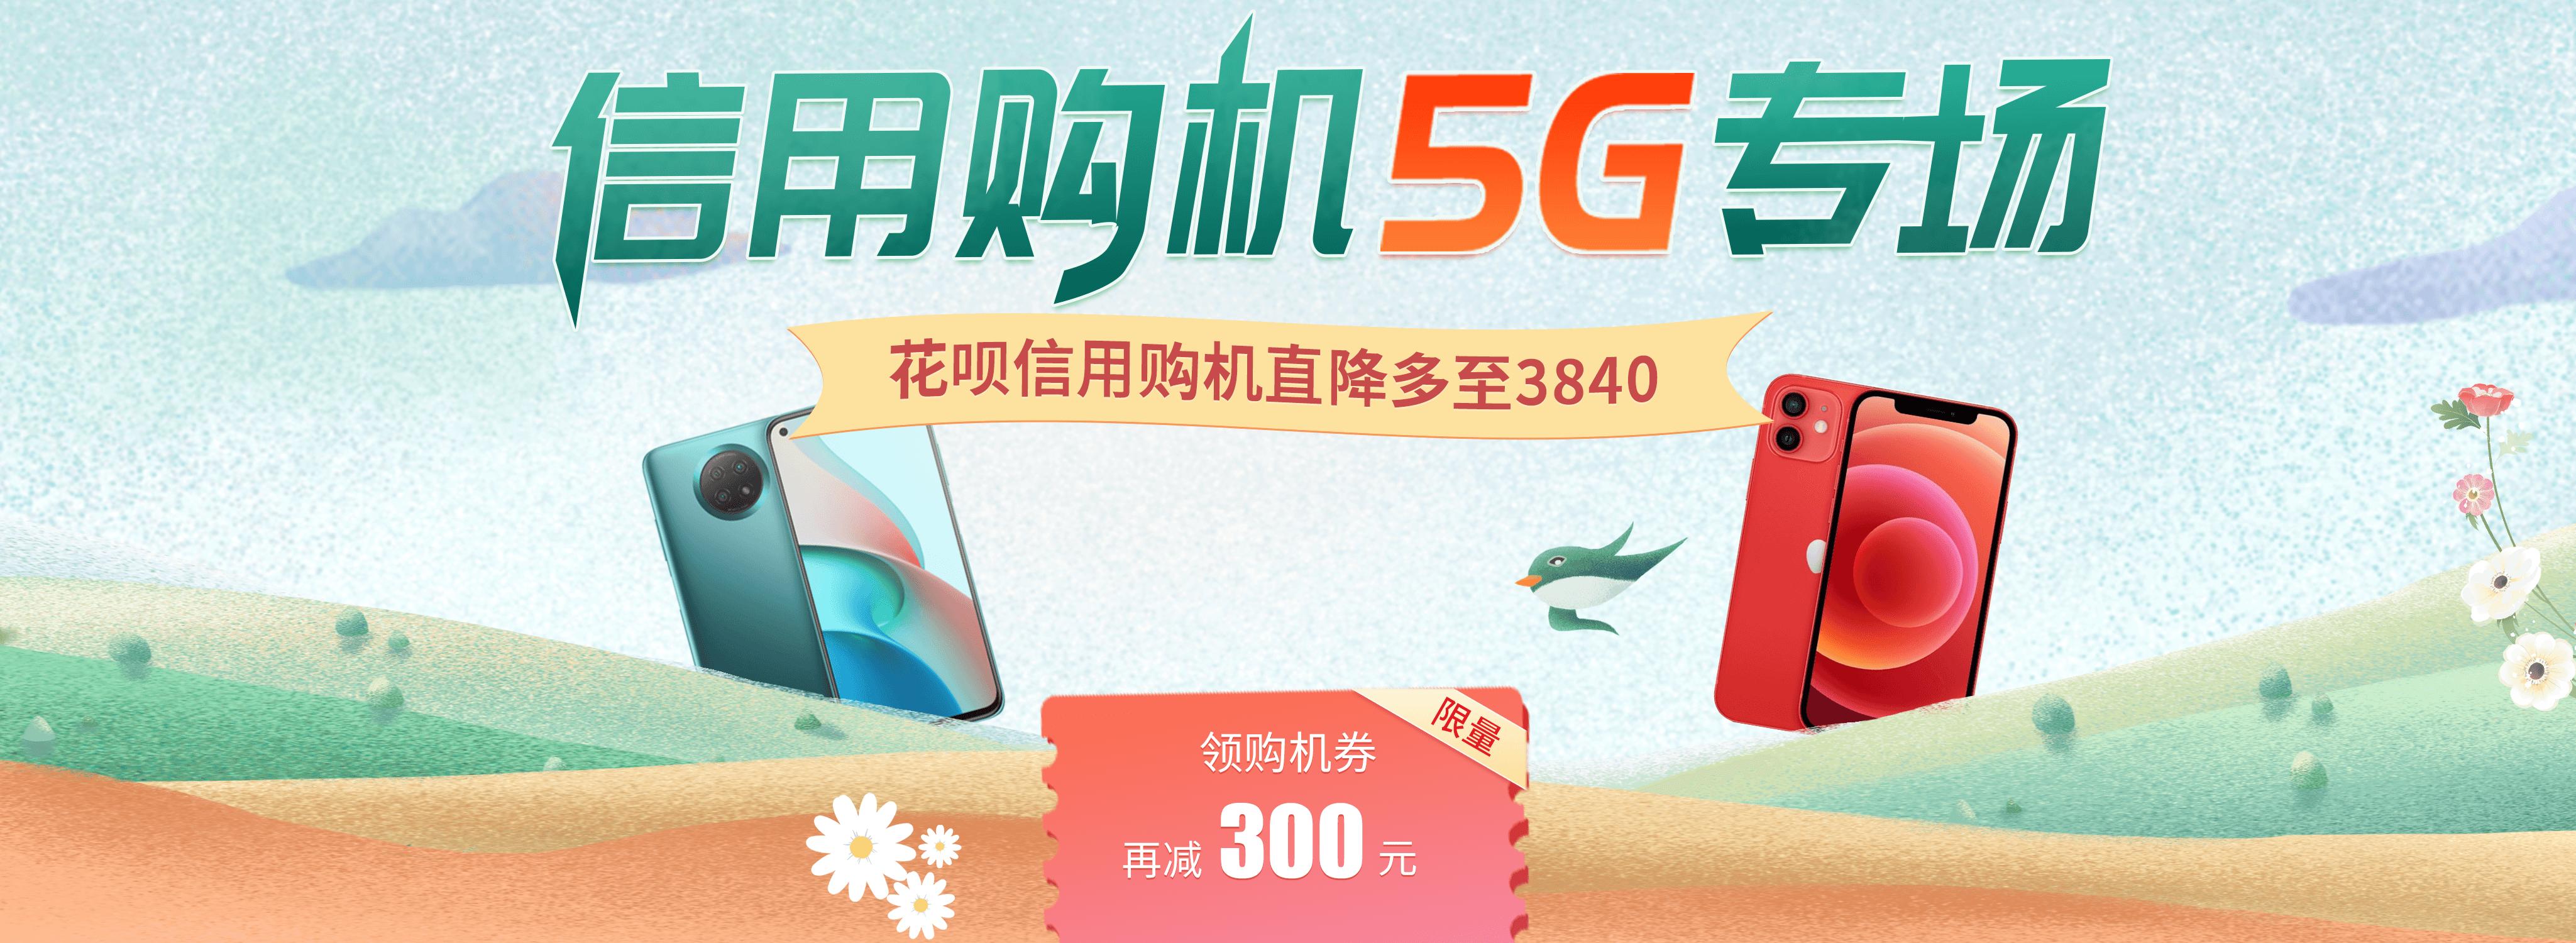 联通5G手机节